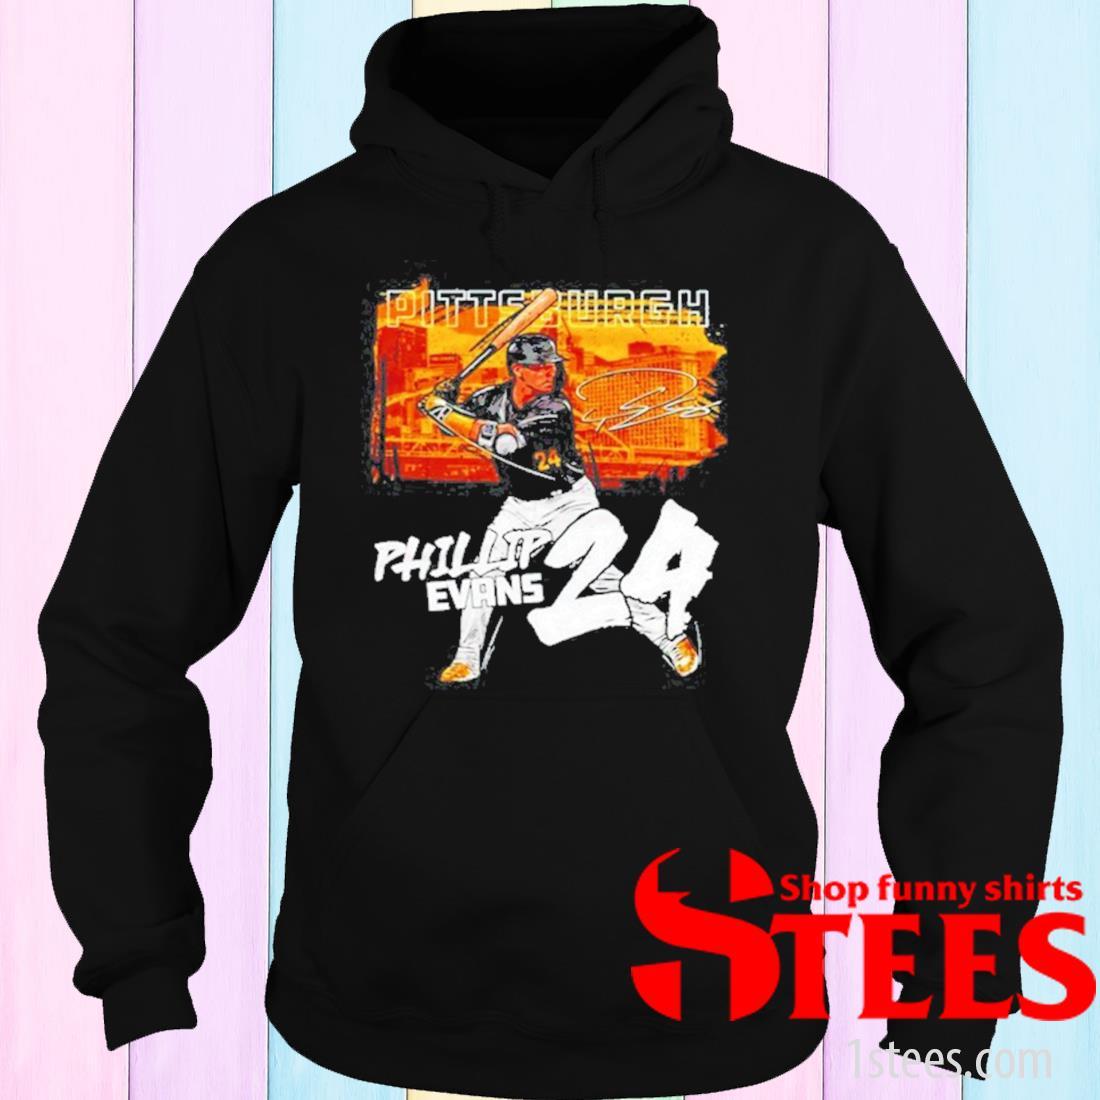 Pittsburgh Baseball Phillip Evans 24 Signature Shirt hoodie